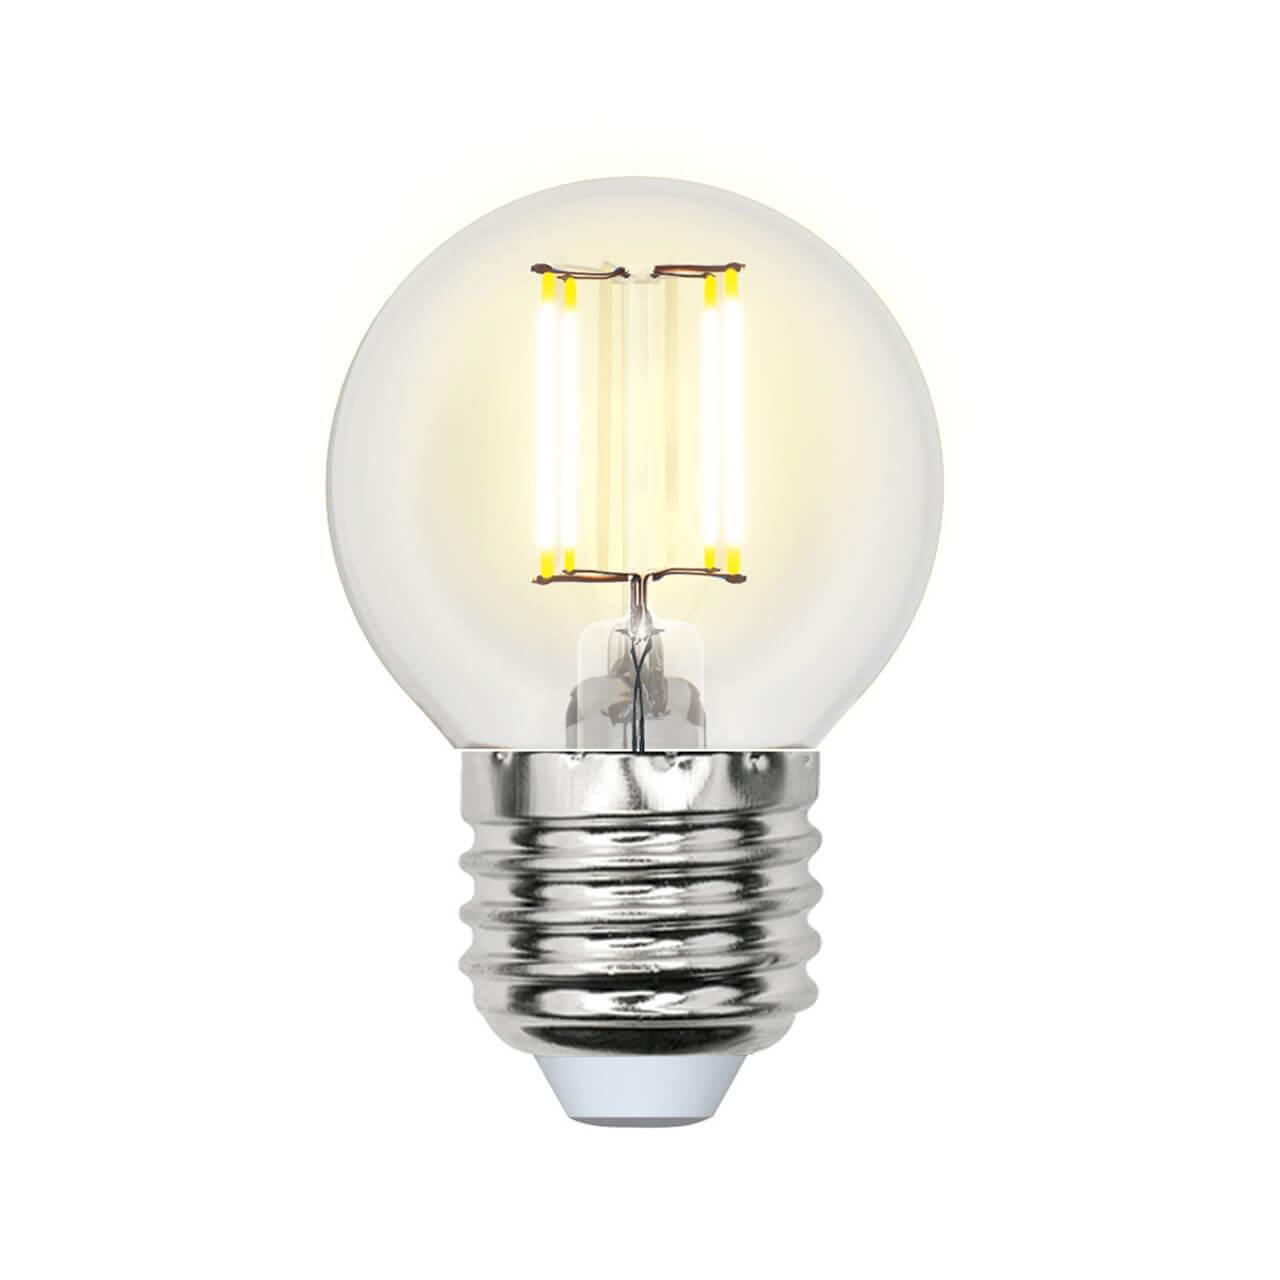 Лампа светодиодная филаментная Uniel E27 5W 3000K прозрачная LED-G45-5W/WW/E27/CL/MB GLM10TR лампа светодиодная филаментная e14 5w 3000k прозрачная led cw35 5w ww e14 cl mb glm10tr